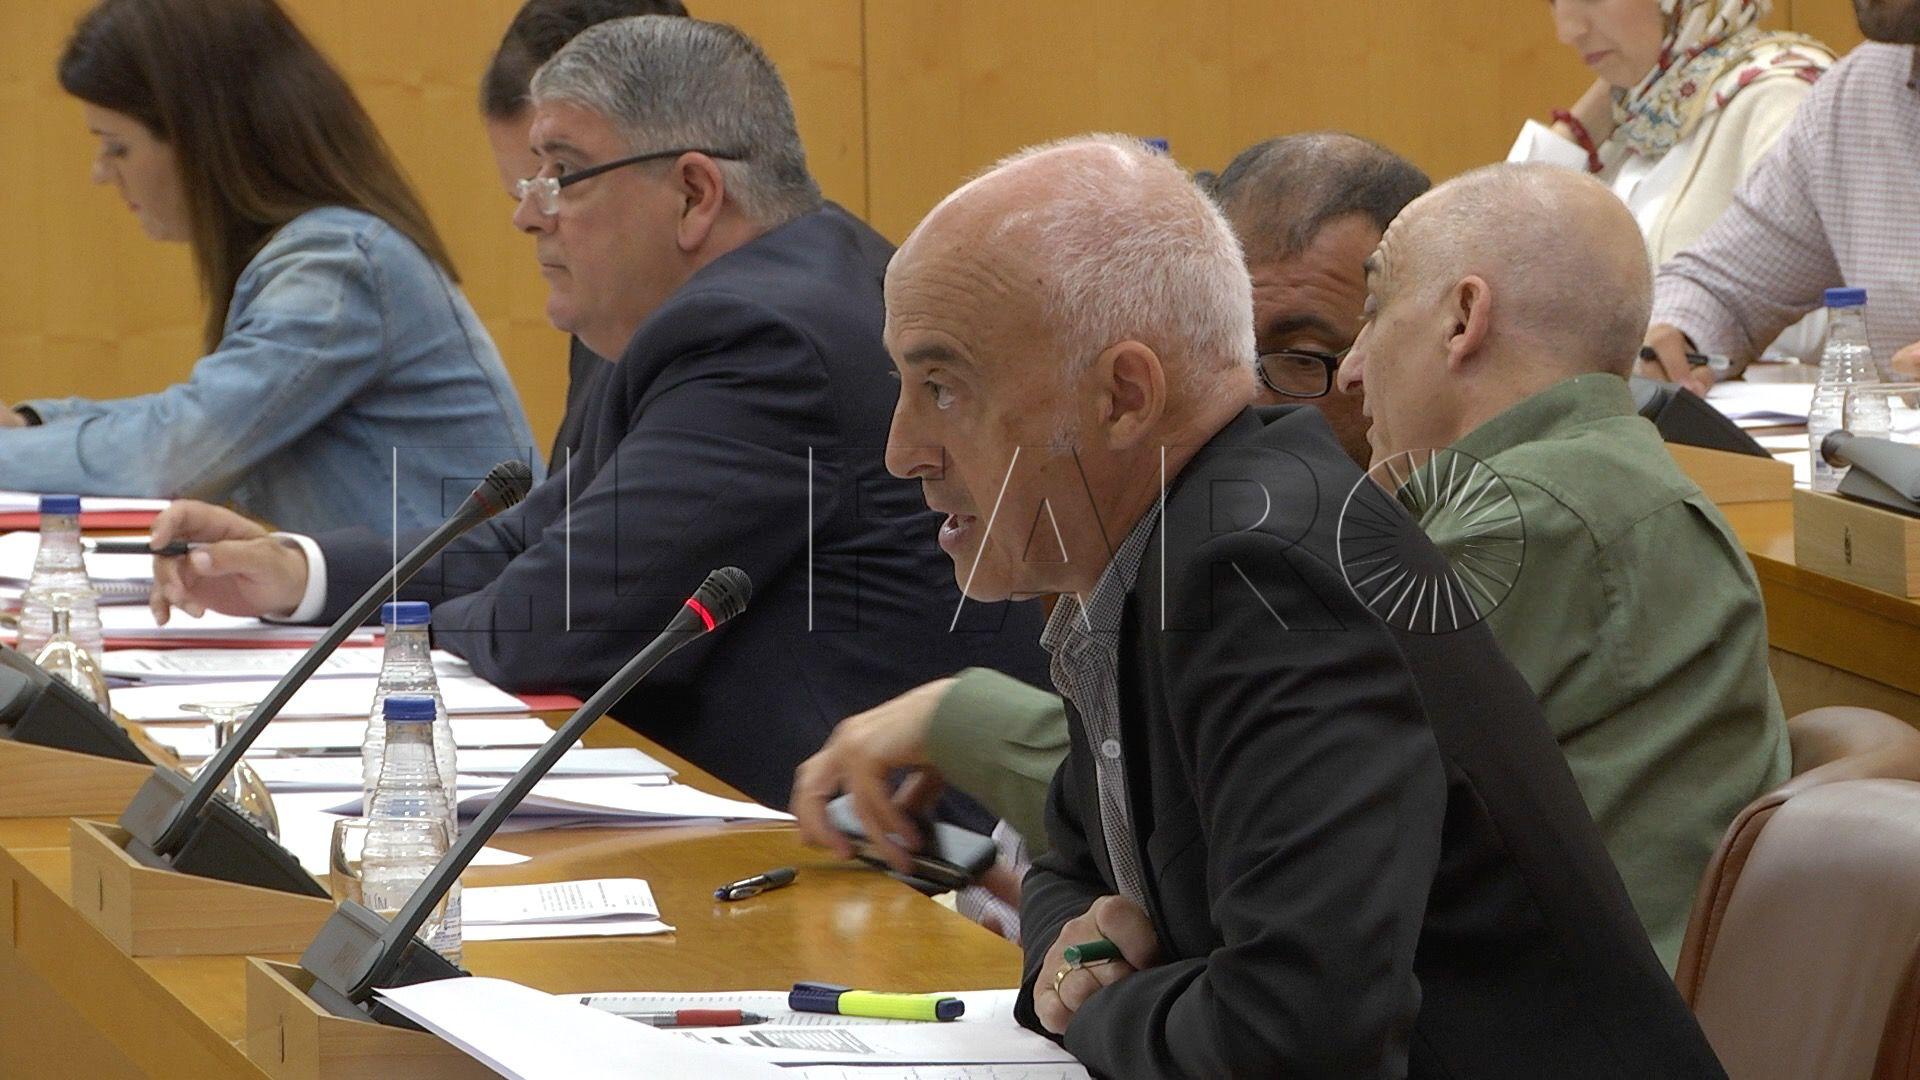 C's preguntará en el Pleno sobre las ayudas al transporte marítimo para los 'ausentes'